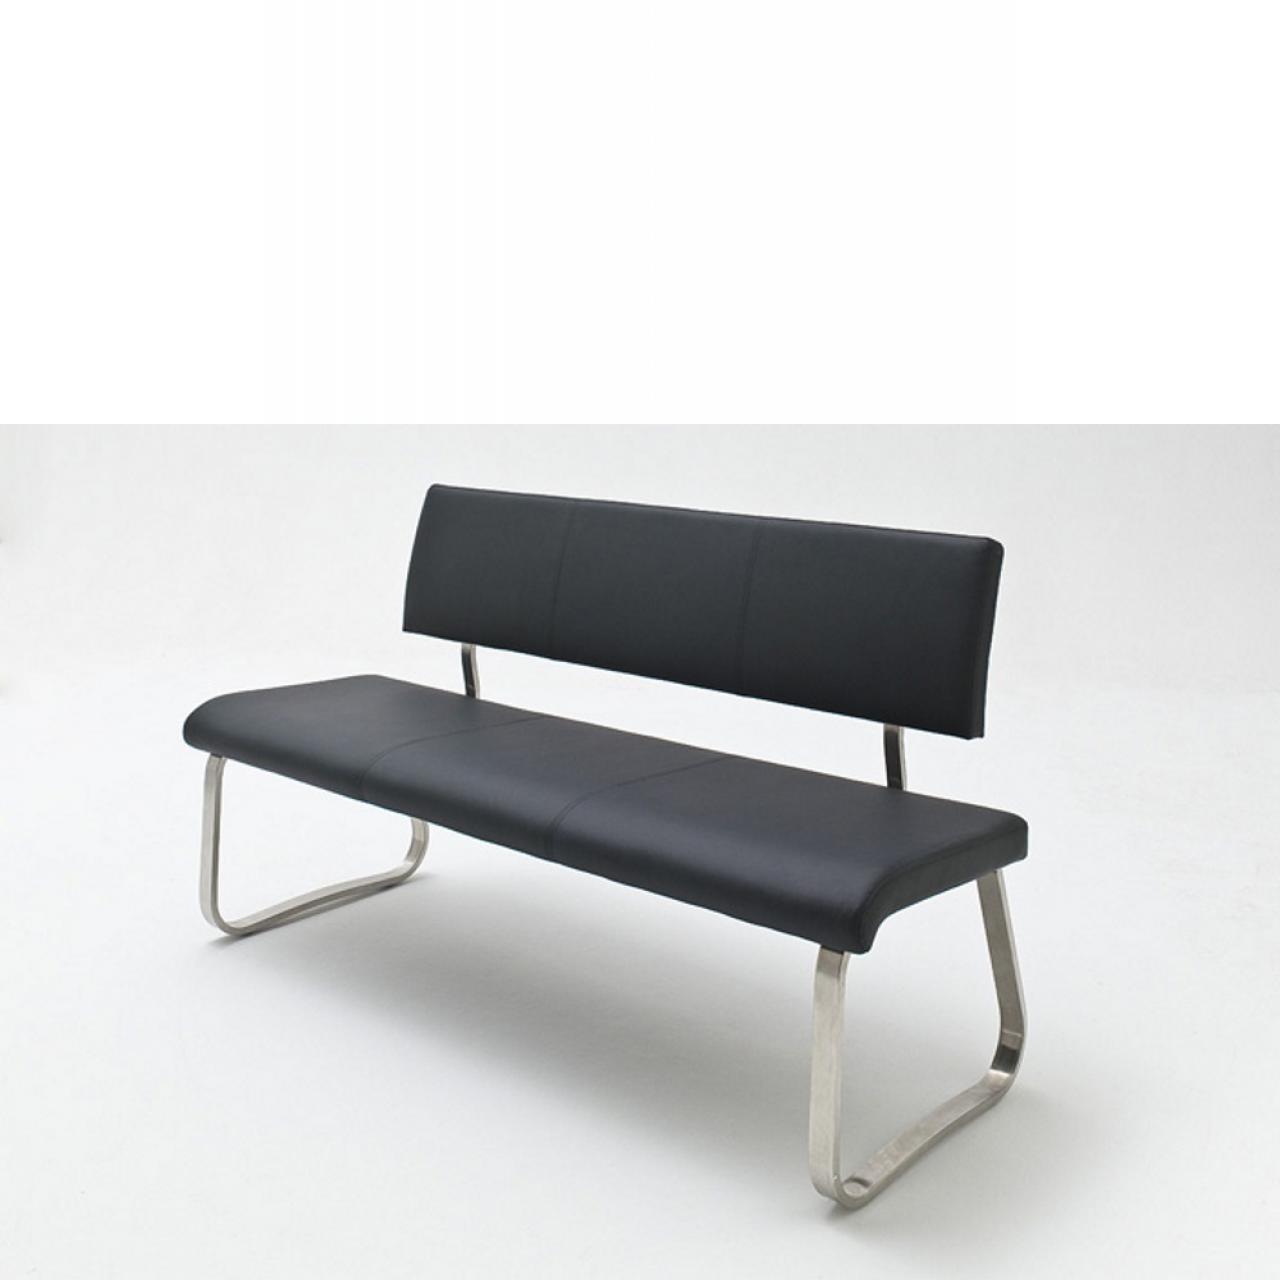 Sitzbank Arco in Schwarz 175x59